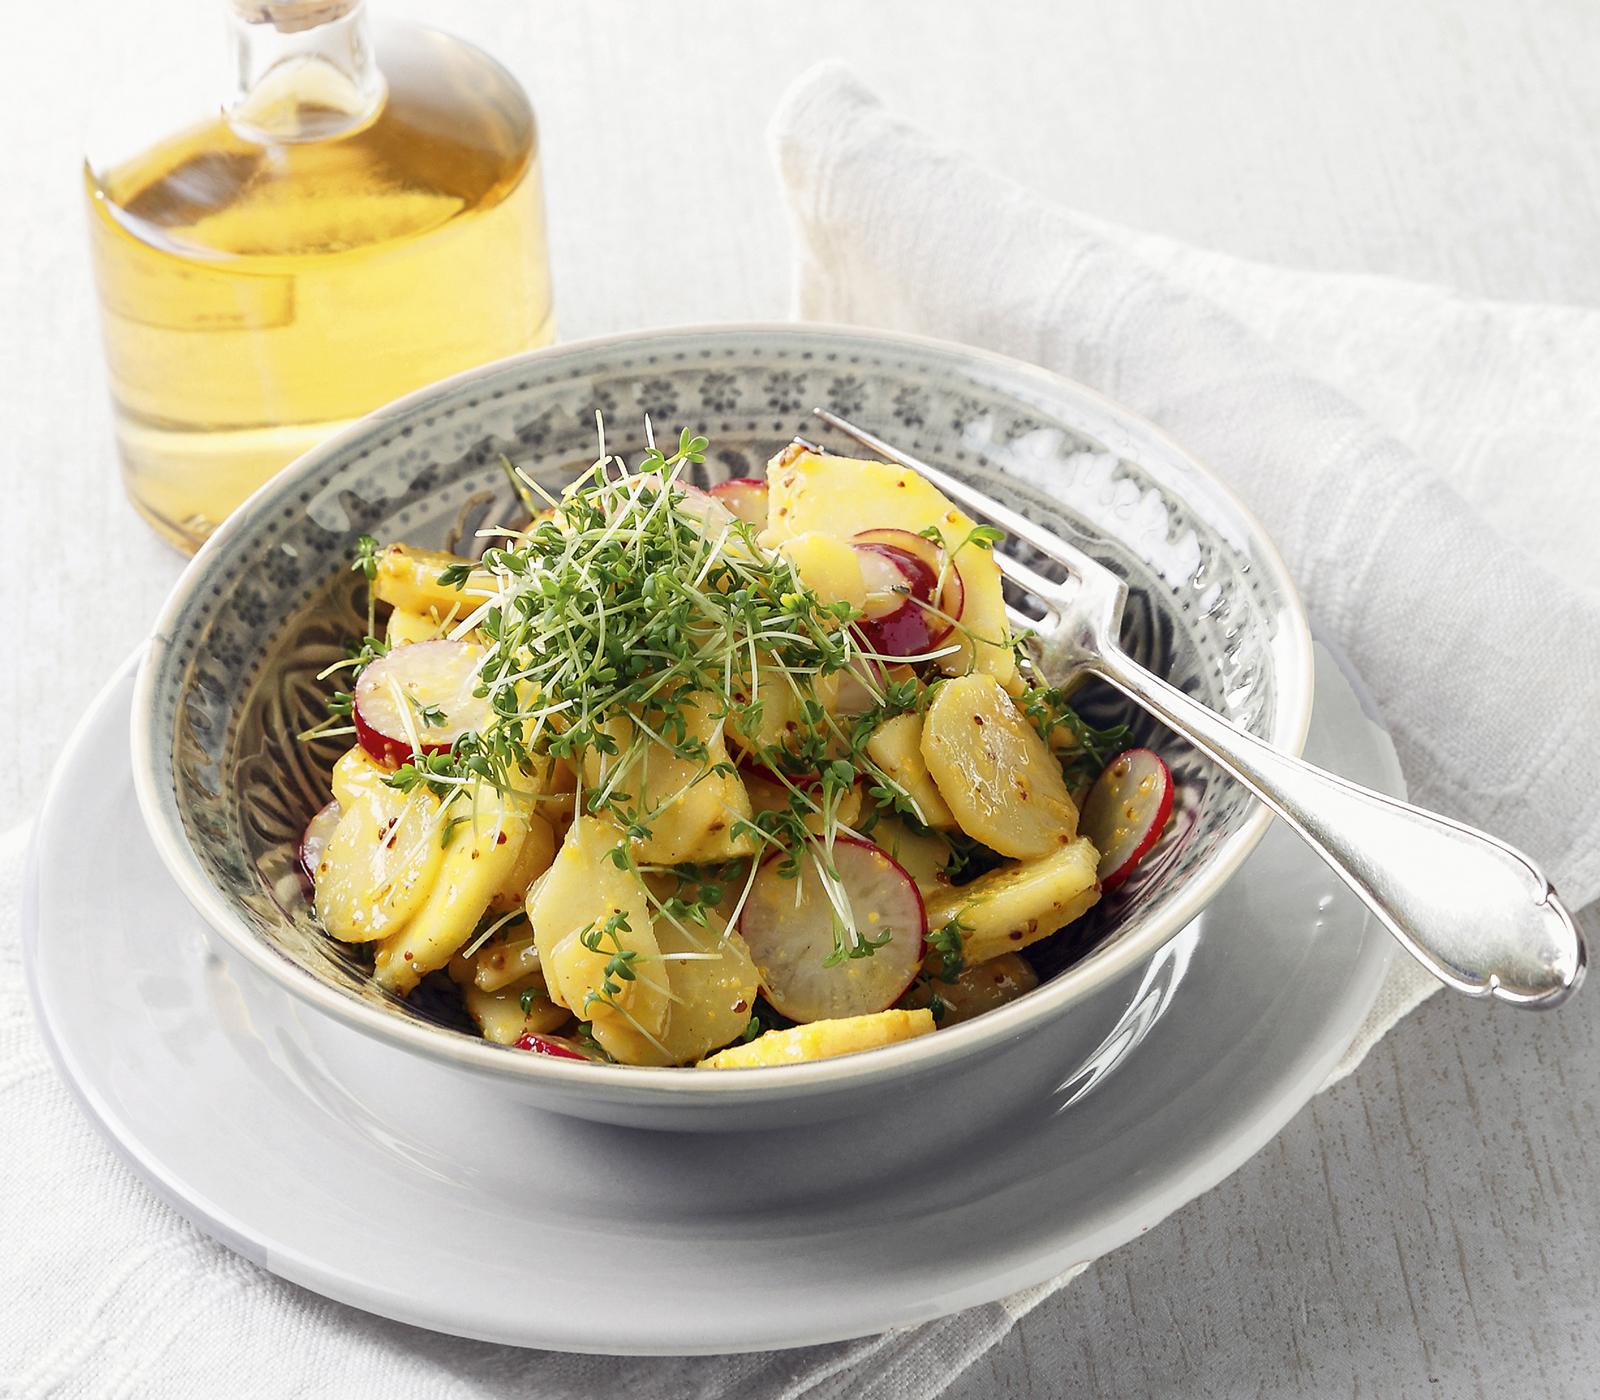 pastinaken salat mit pfeln annemarie wildeisen 39 s kochen. Black Bedroom Furniture Sets. Home Design Ideas